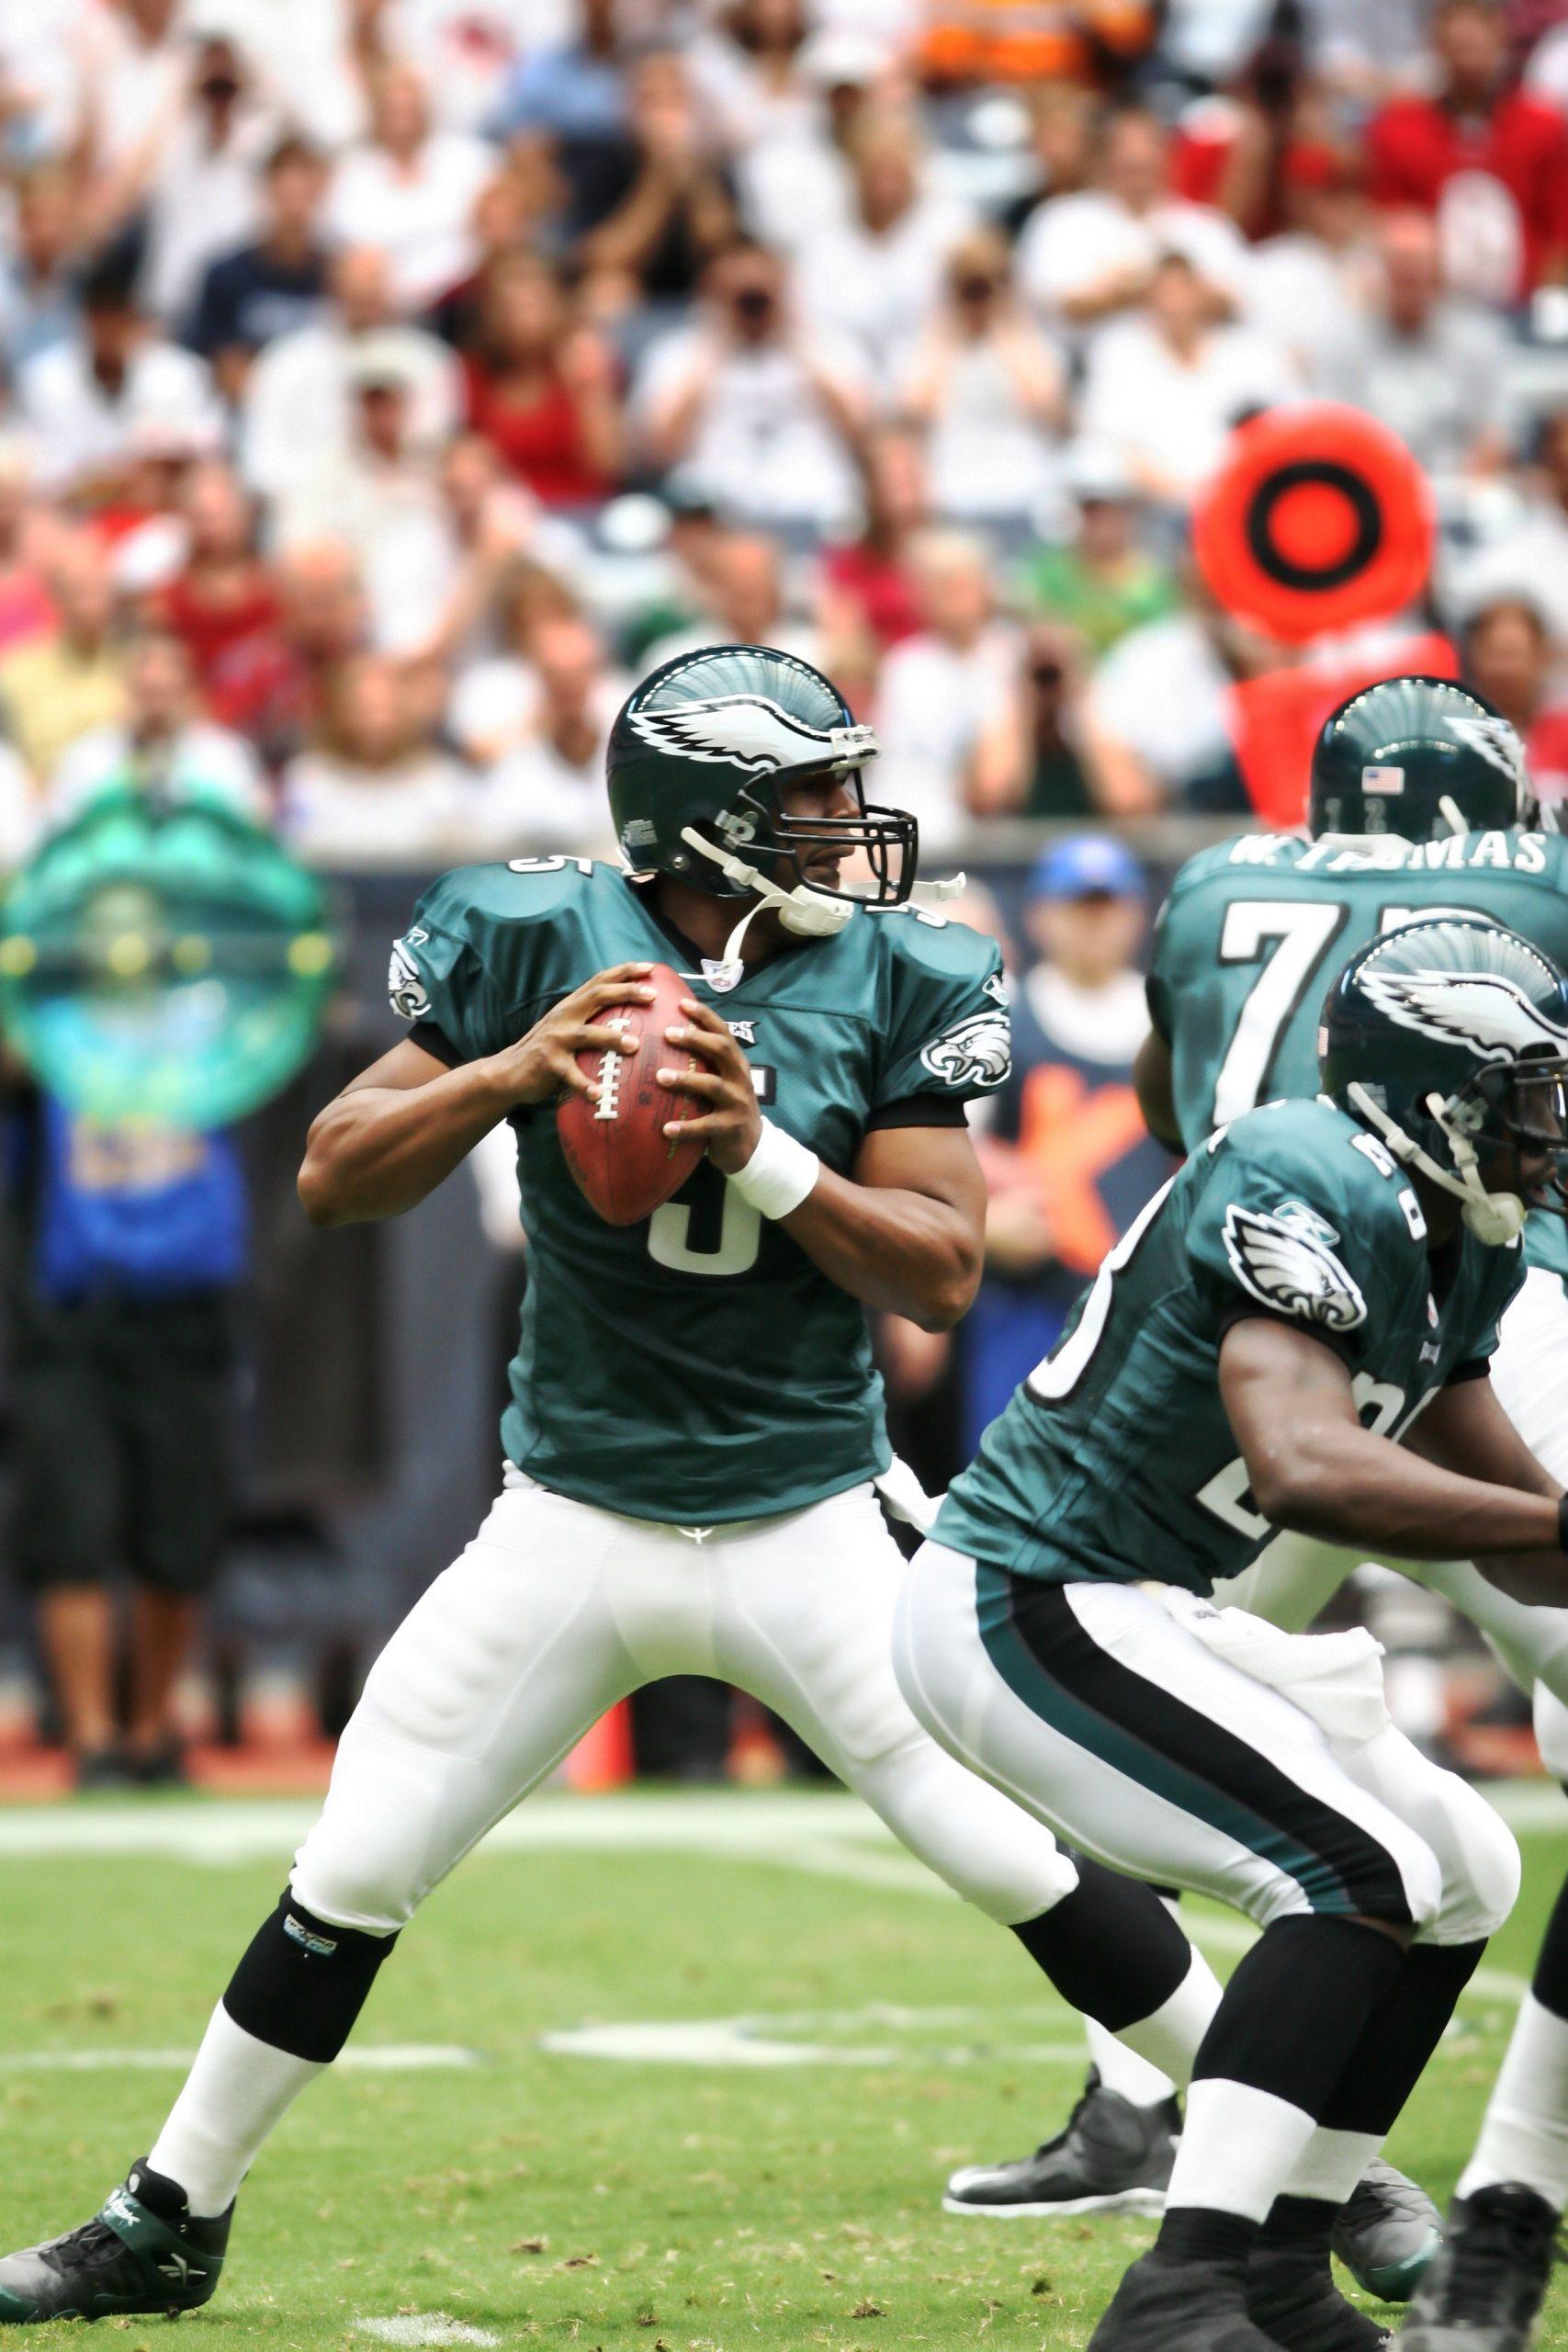 https://pixabay.com/de/photos/fu%C3%9Fball-professional-quarterback-1559924/